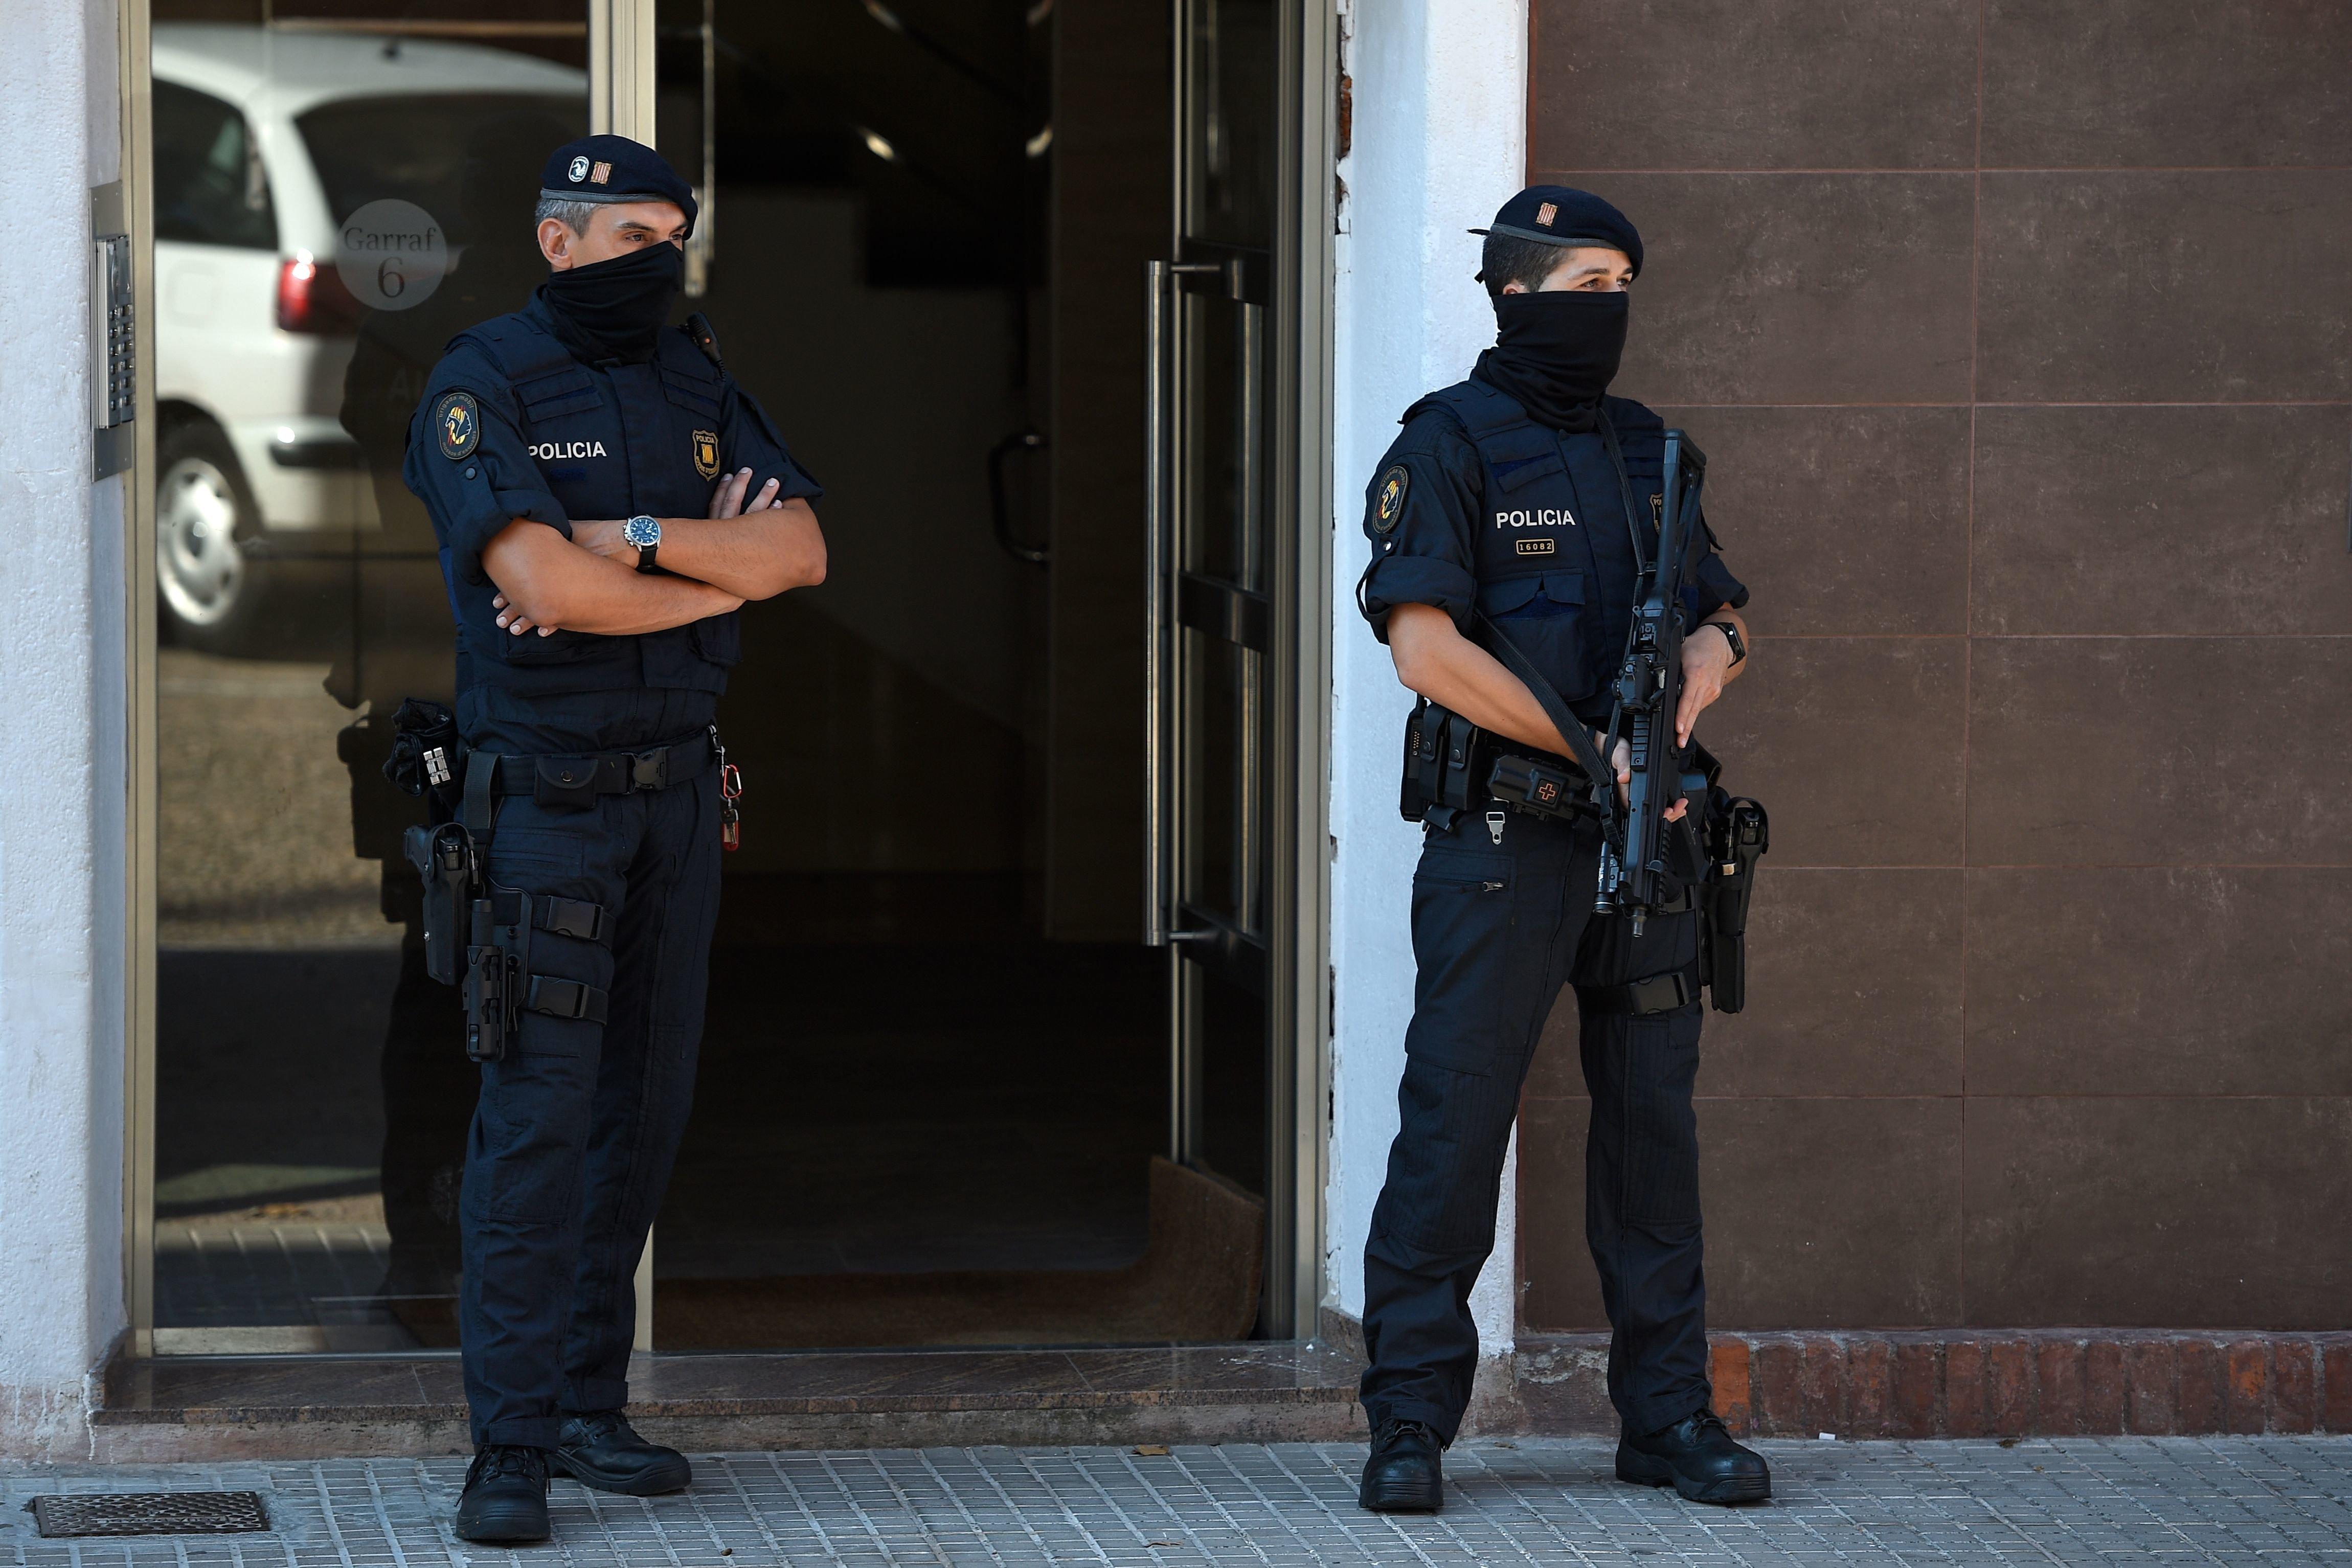 Man Shot Dead After Knife Attack At Barcelona Police